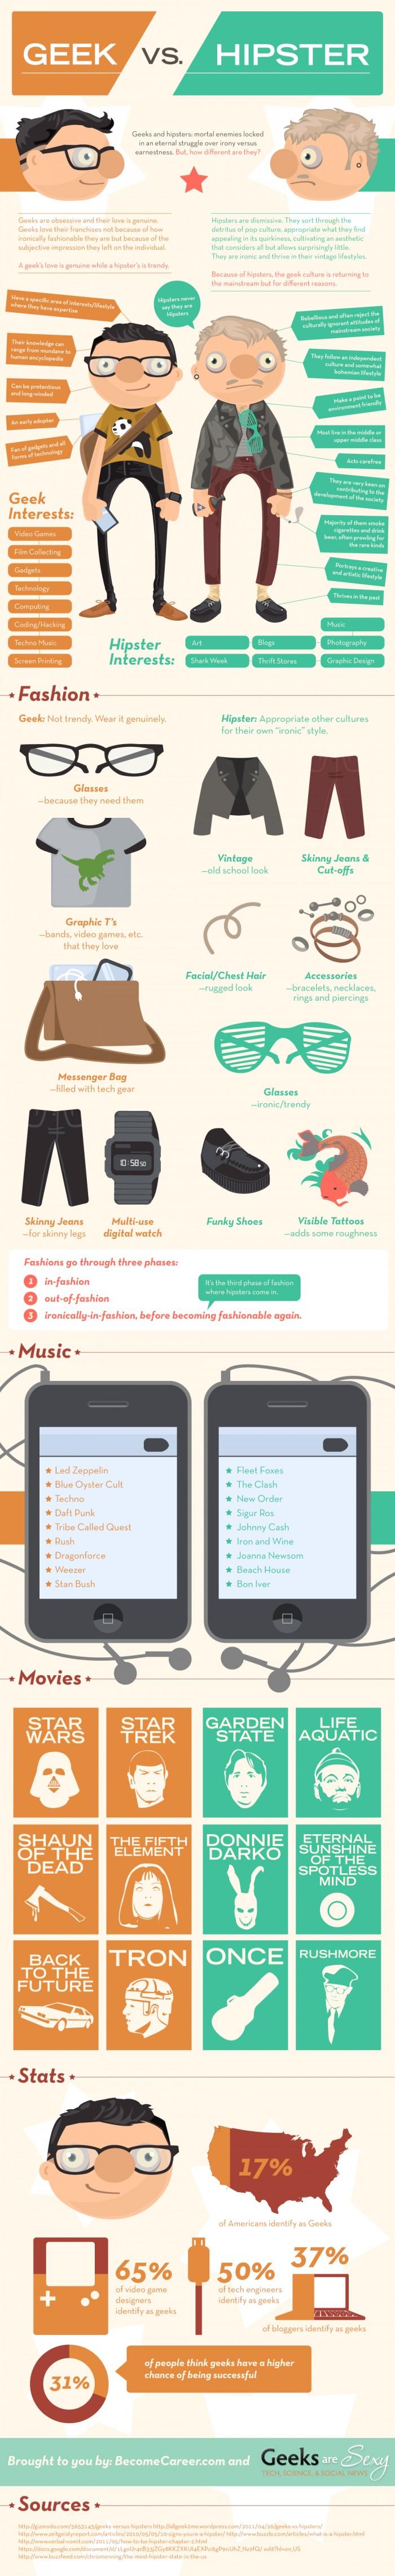 geek-vs-hipster.jpg (2 MB)